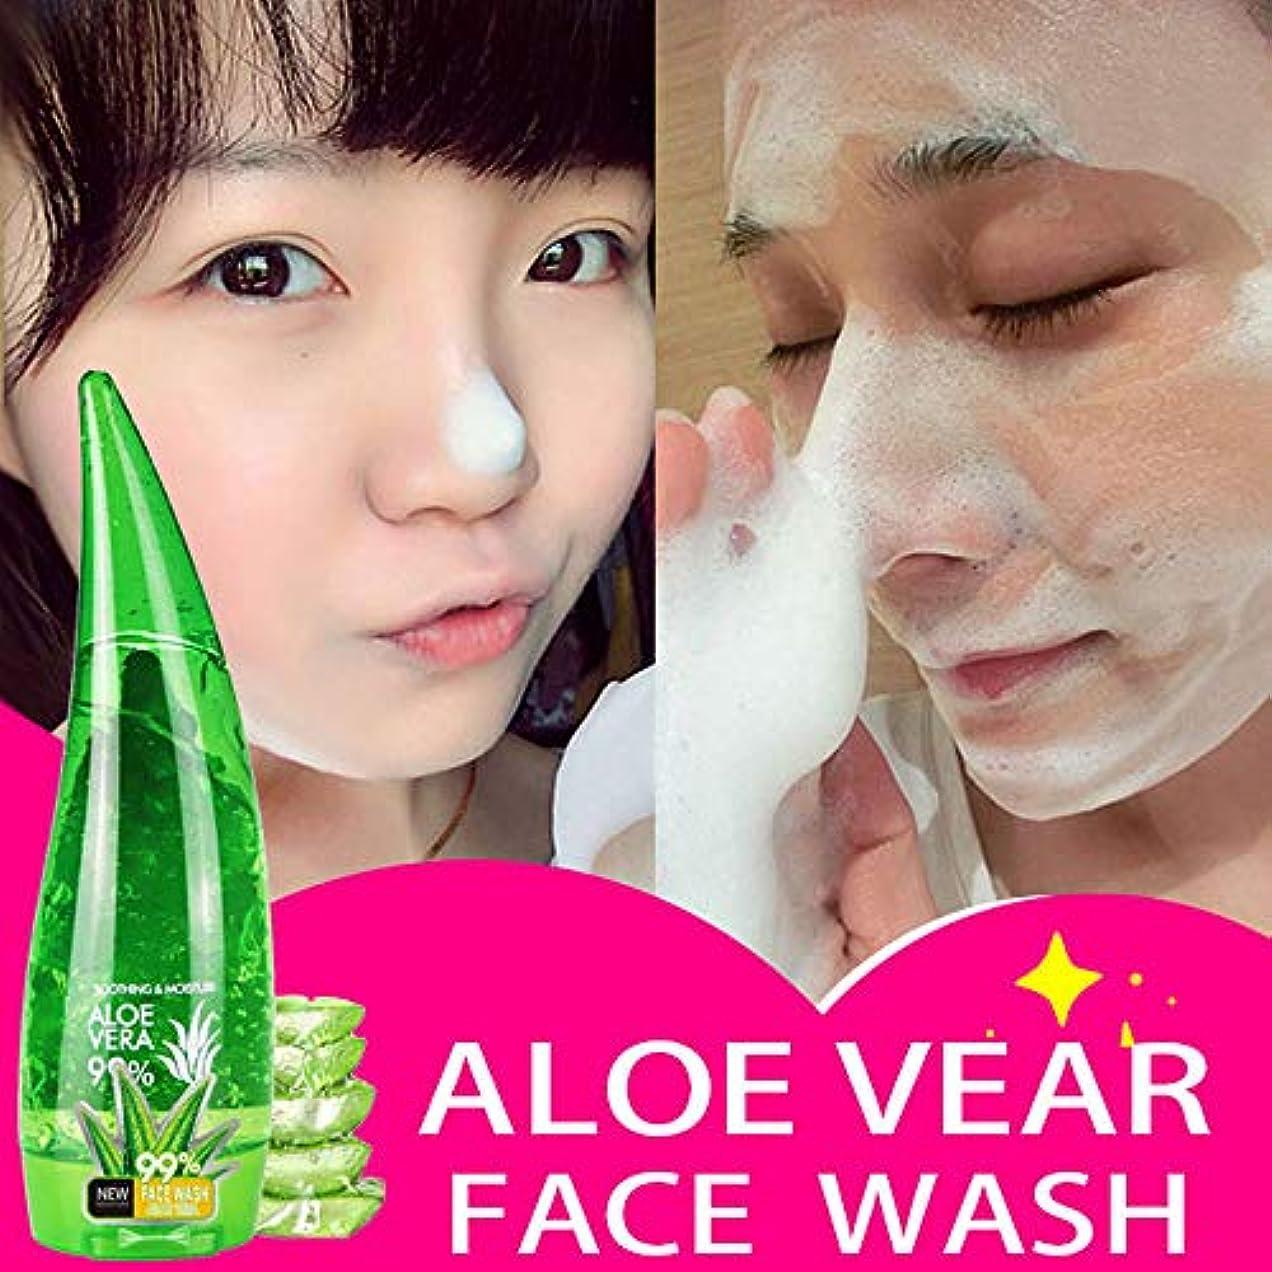 ソブリケット王女送金Akane Pretty Cowry 顔洗い 綺麗に 素敵 水分補給 保湿 角質除去 クレンジング 浄化 オイルコントロール ジェル 使いやすい 洗顔料 アロエクリーム